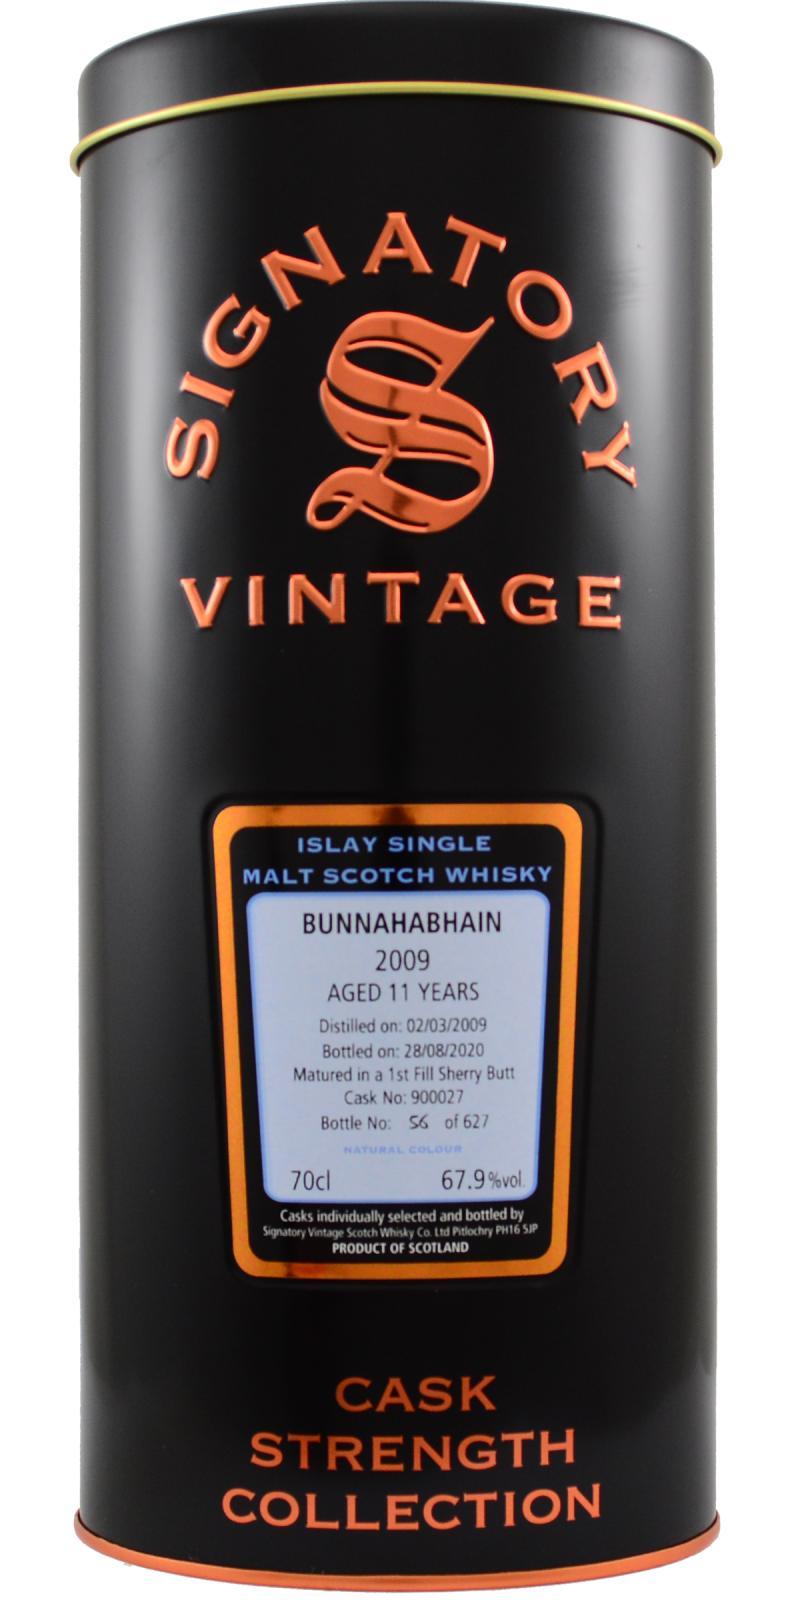 Bunnahabhain 2009 SV